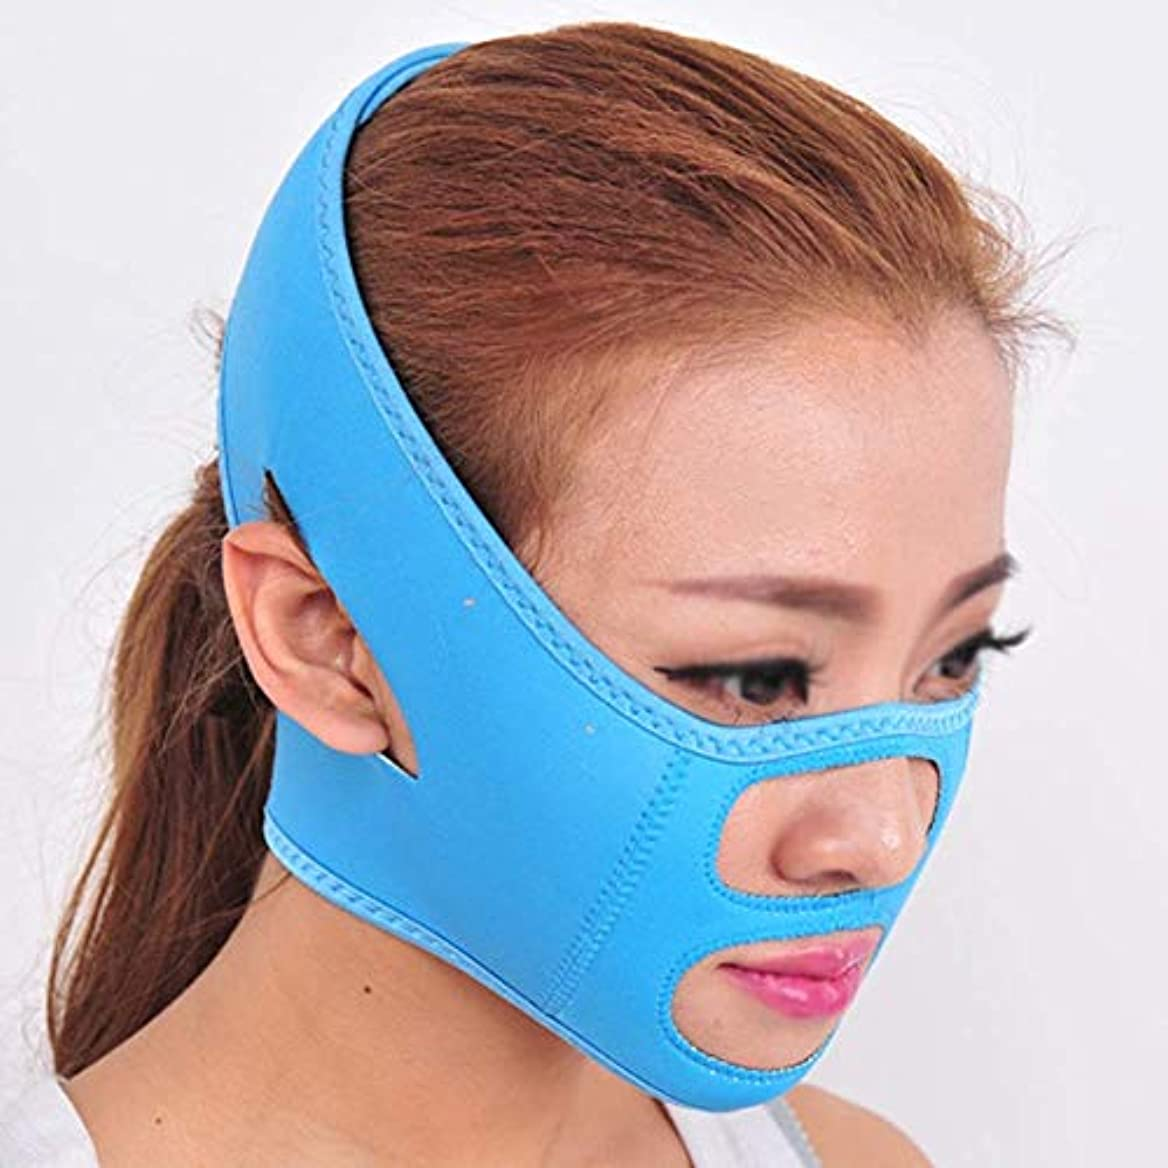 起訴する支配する自動的にチンストラップ、フェイスリフティングマスク、ダブルチン、フェイスリフティングに最適、リフティングフェイシャルスキン、フェイシャル減量マスク、フェイスリフティングベルト(フリーサイズ)(カラー:ブルー),青